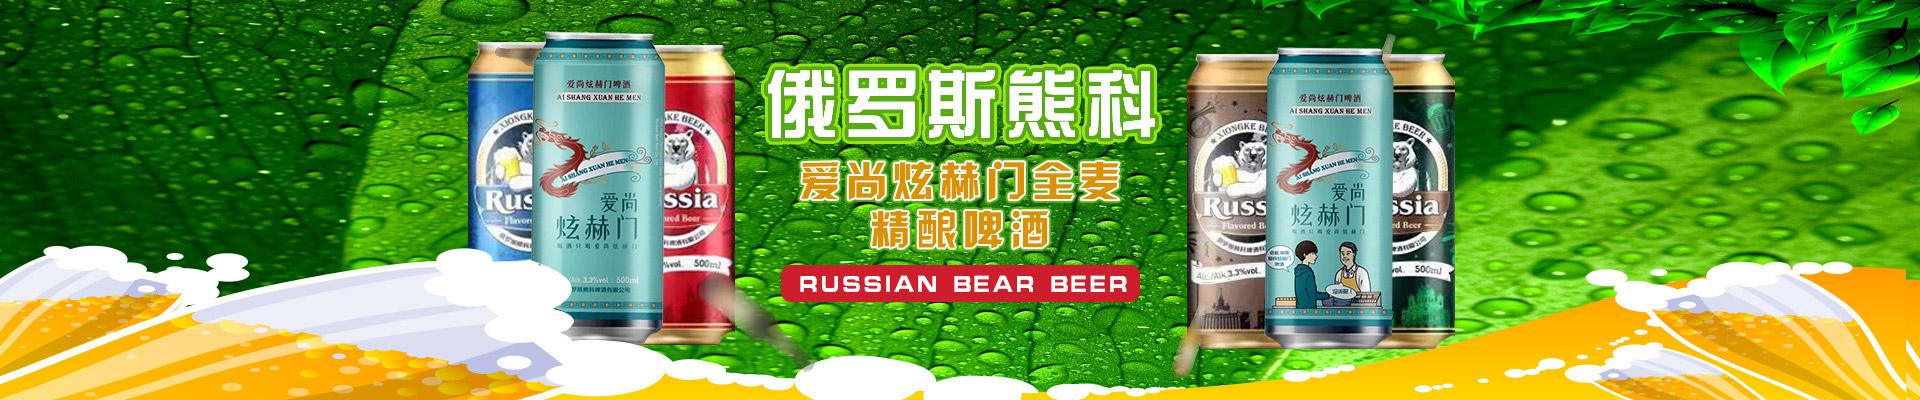 俄罗斯熊科千赢国际手机版